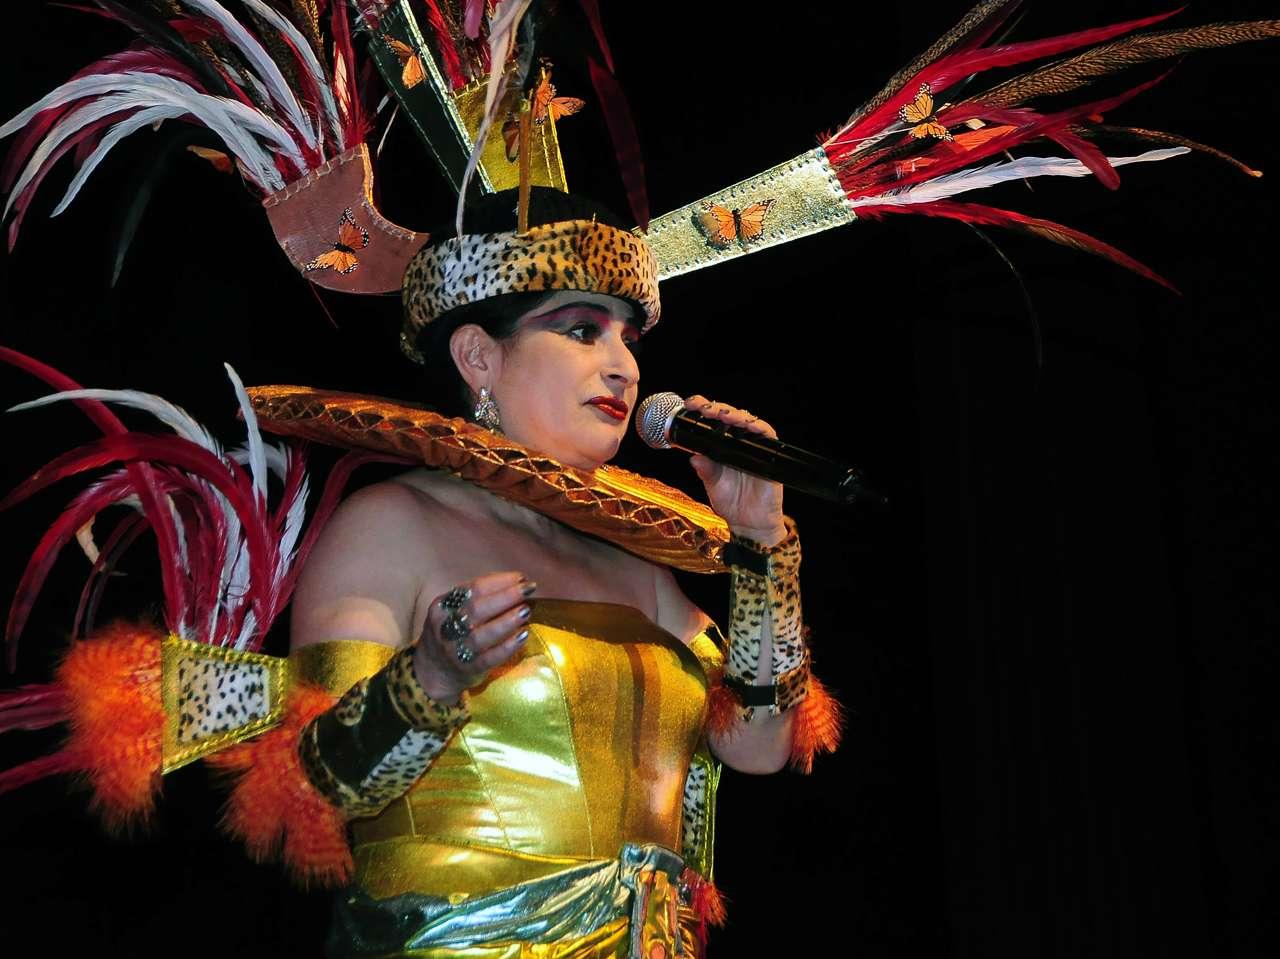 Astrid Hadad representará el cabaret mexicano en París. Foto: Medios y Media